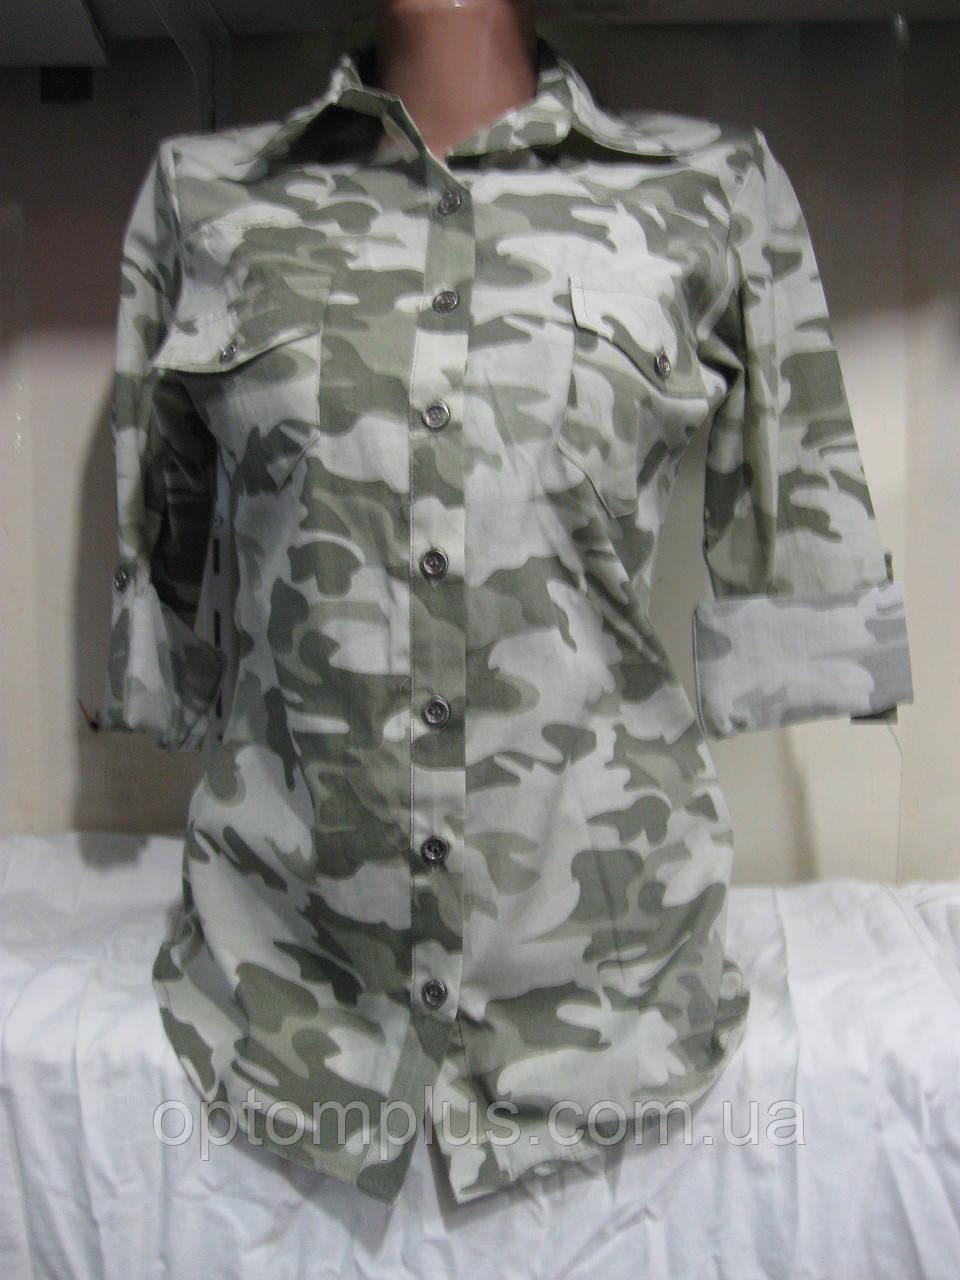 Рубашка женская (коттон) камуфляж Турция Розница